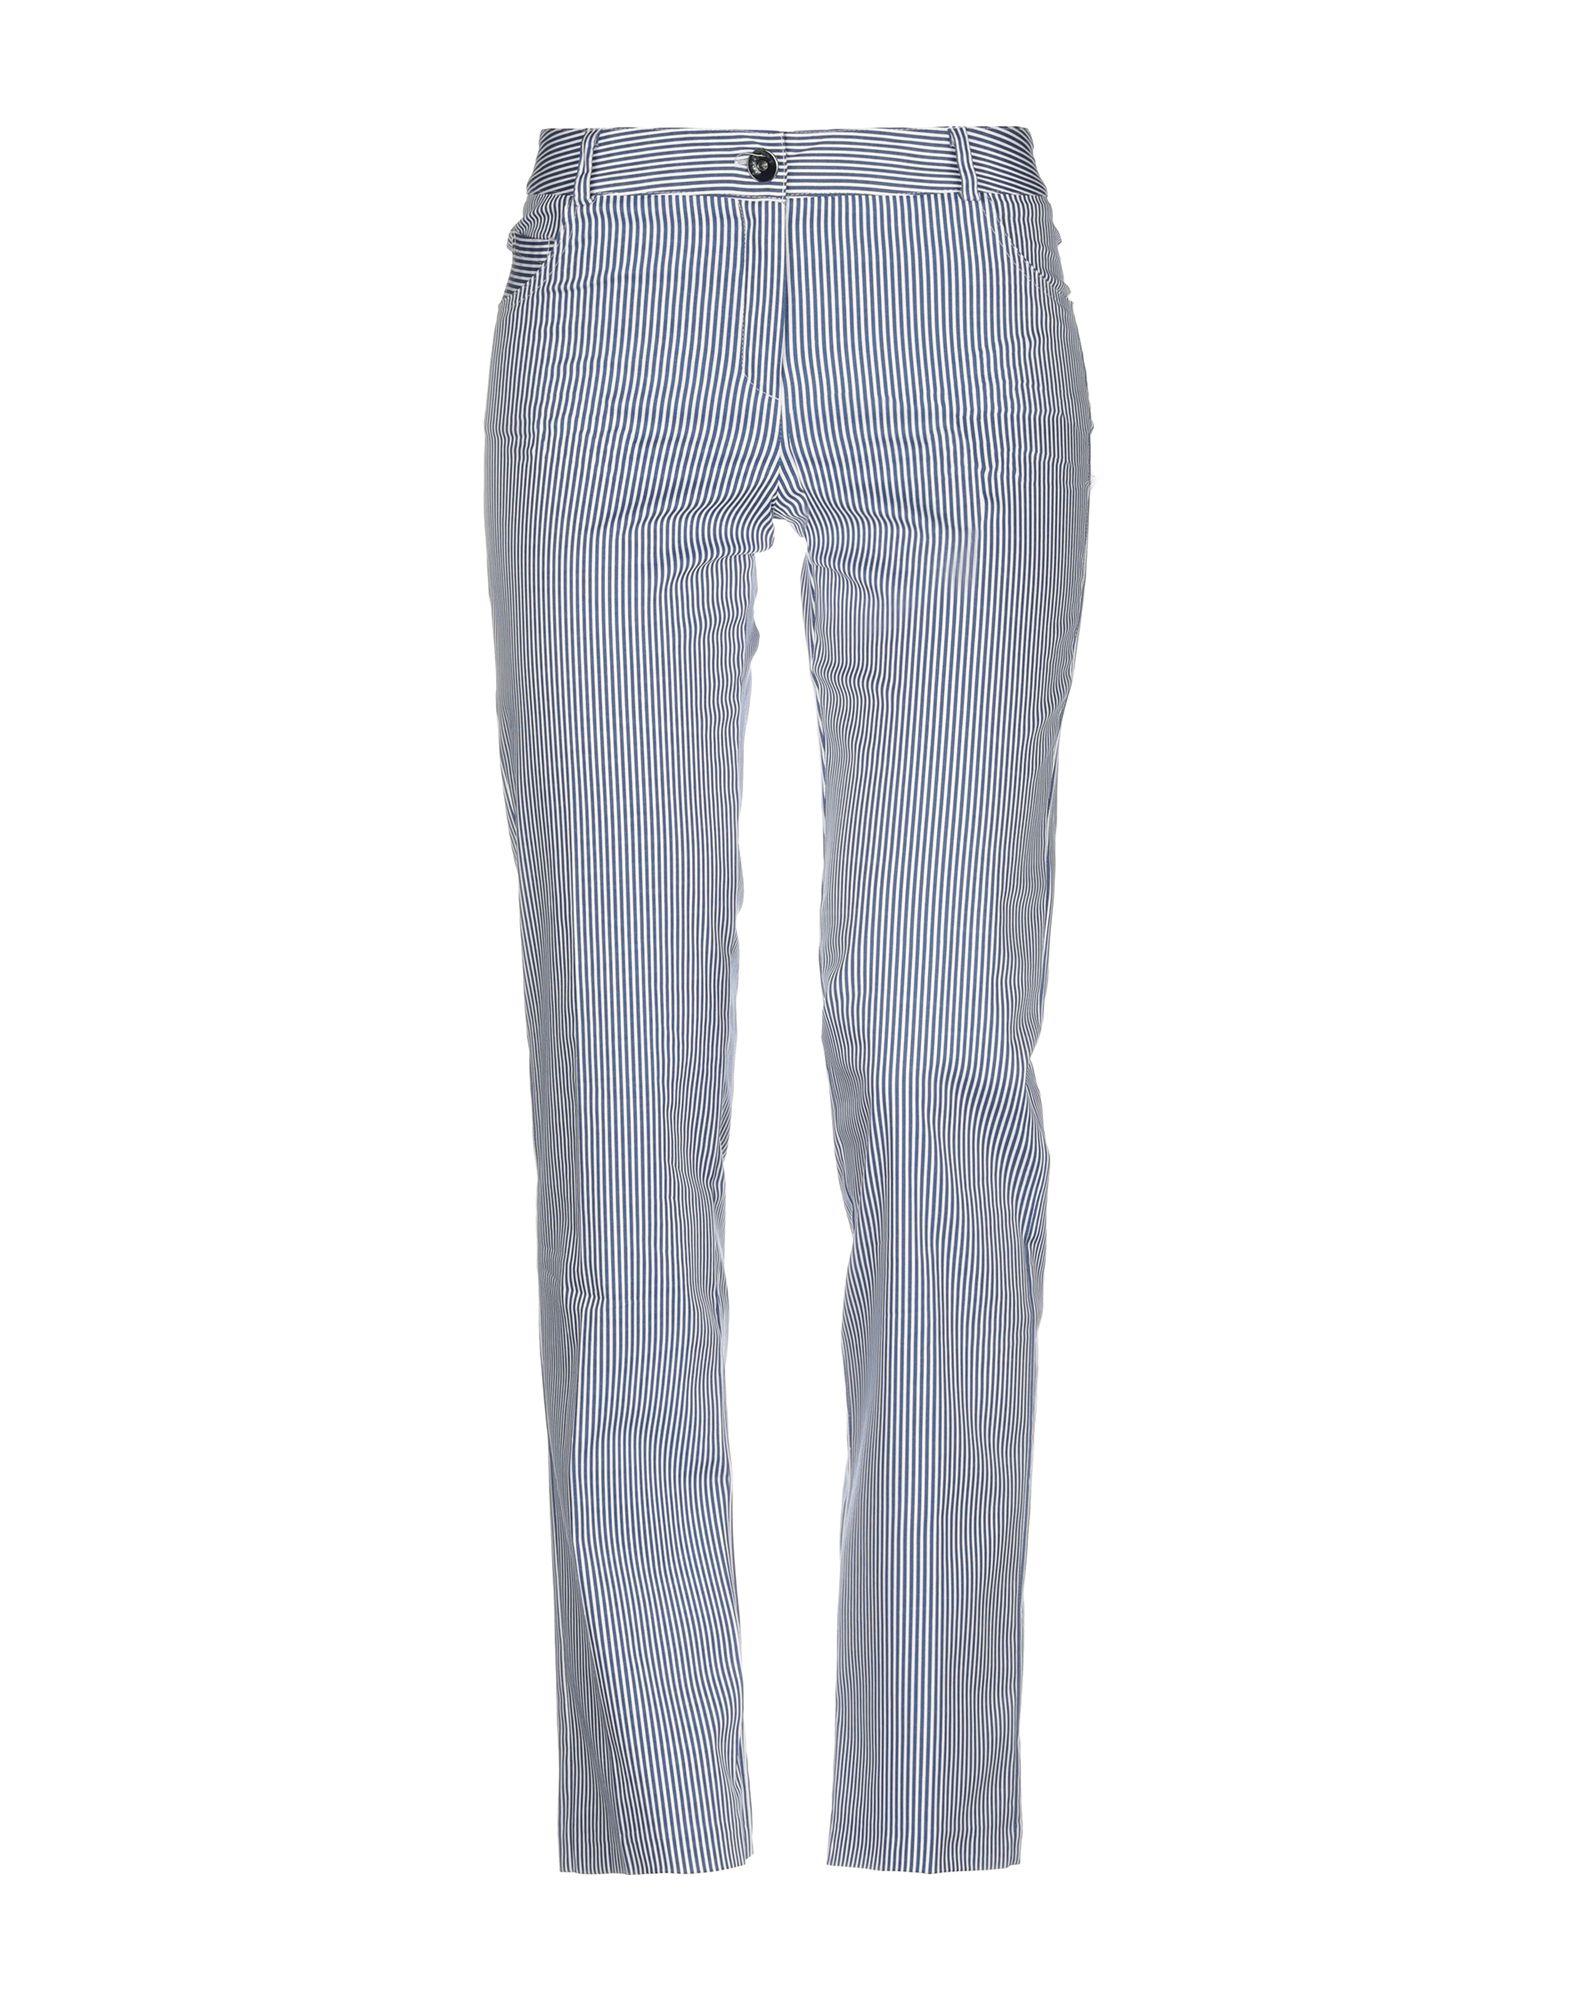 Pantalone Ferrante donna - 13238735JC 13238735JC 13238735JC 33b